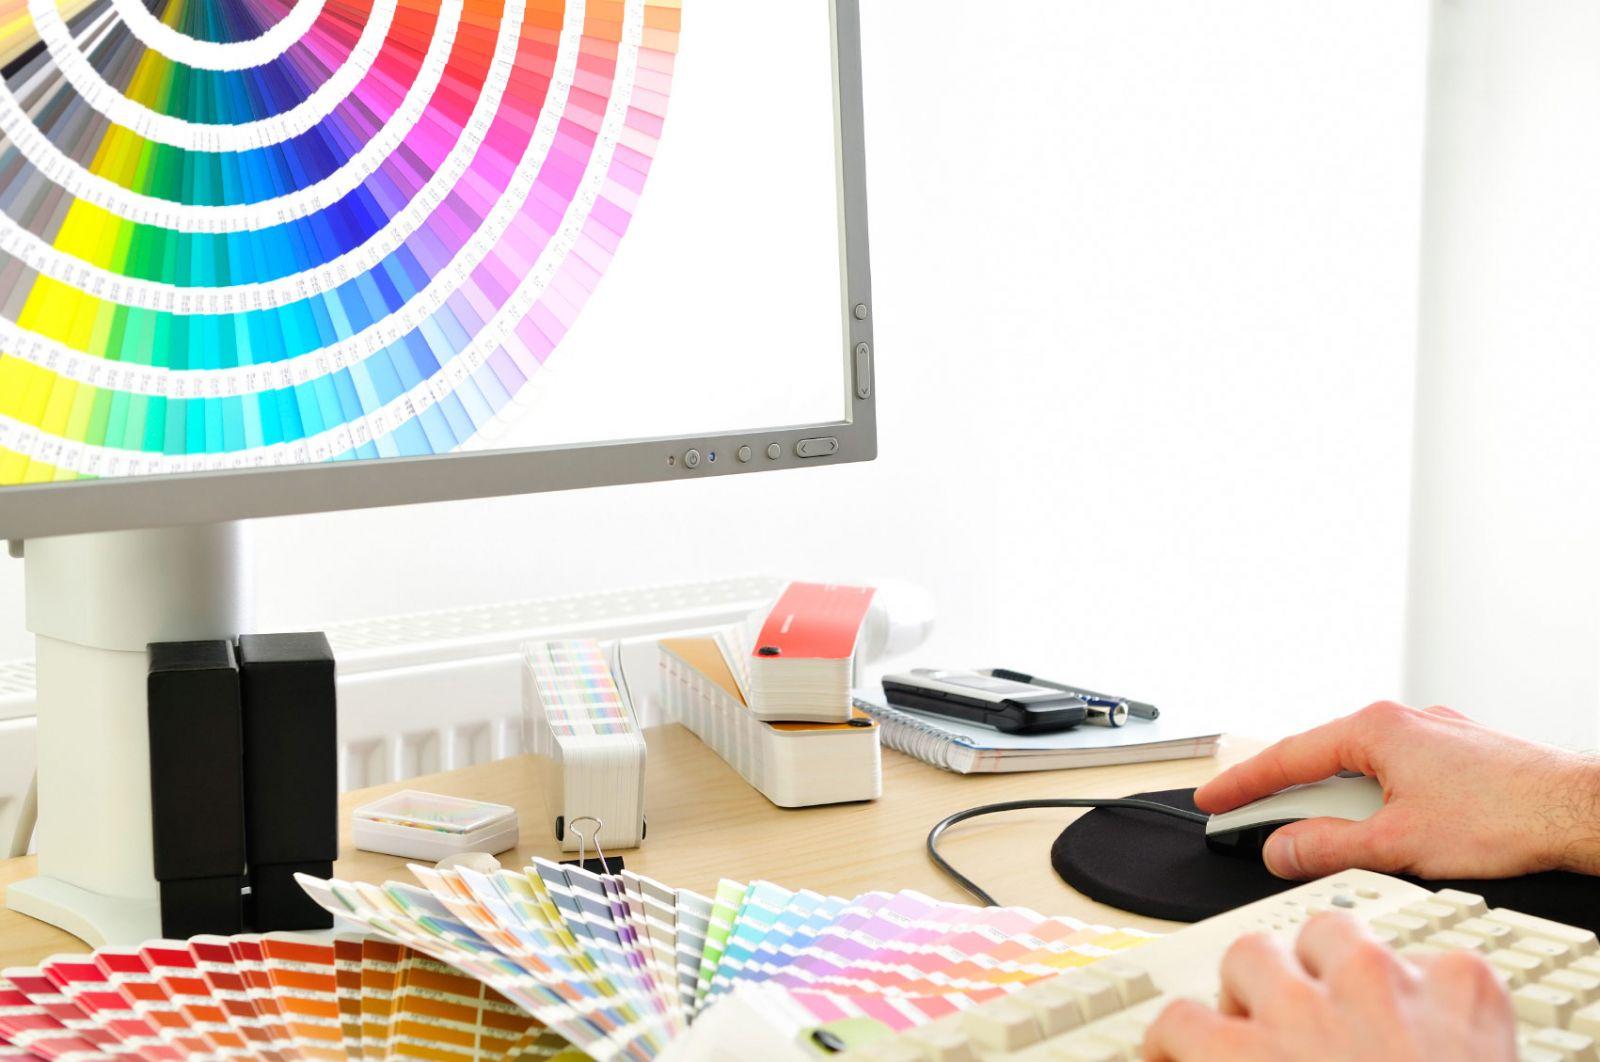 chọn ngành thiết kế đồ họa